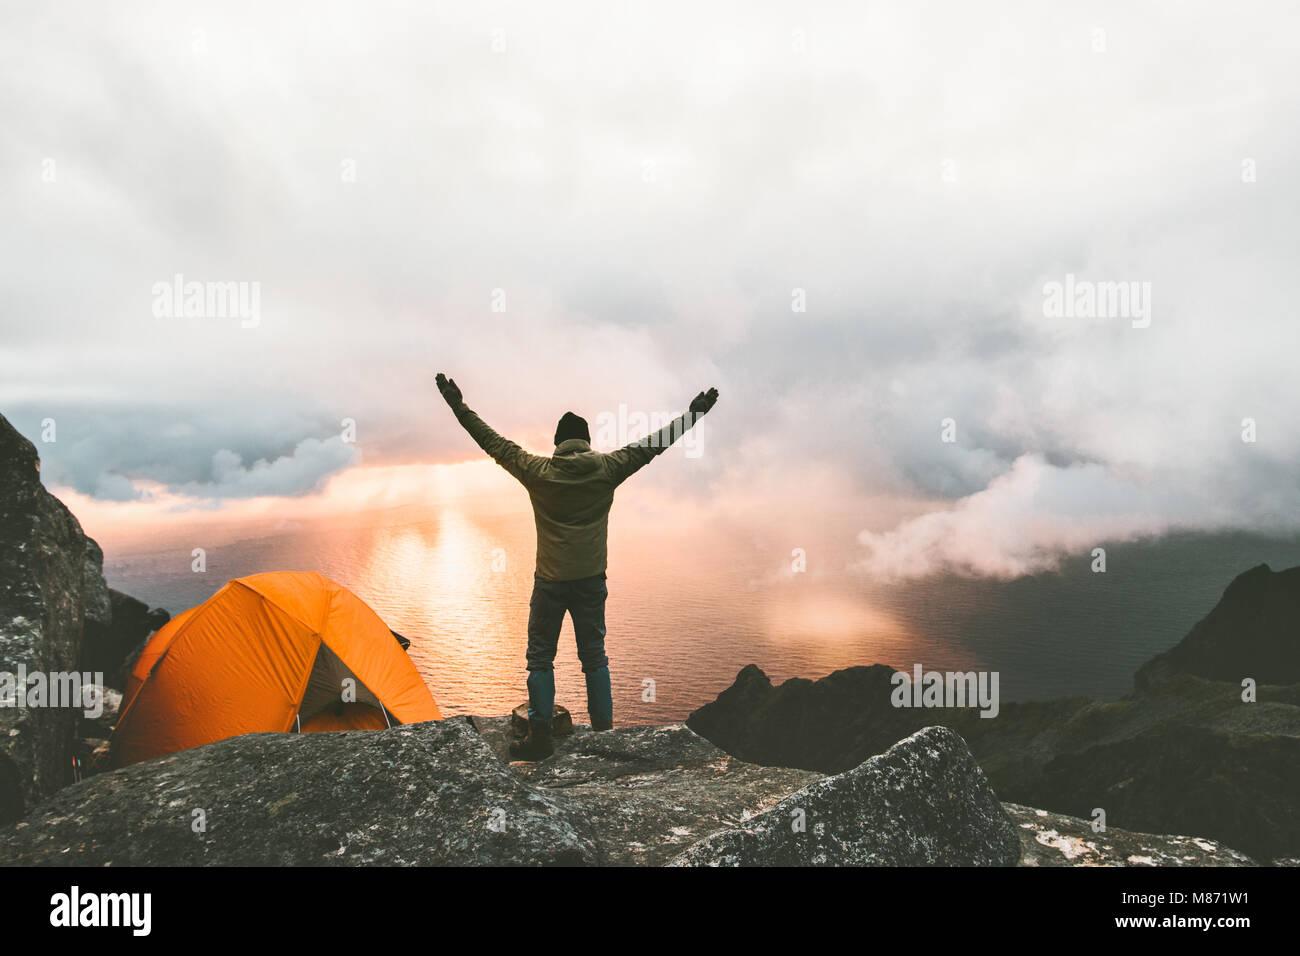 Mann Reisender glücklich erhobenen Händen am Berg in der Nähe von Zelt Camping outdoor Travel Abenteuer Stockbild